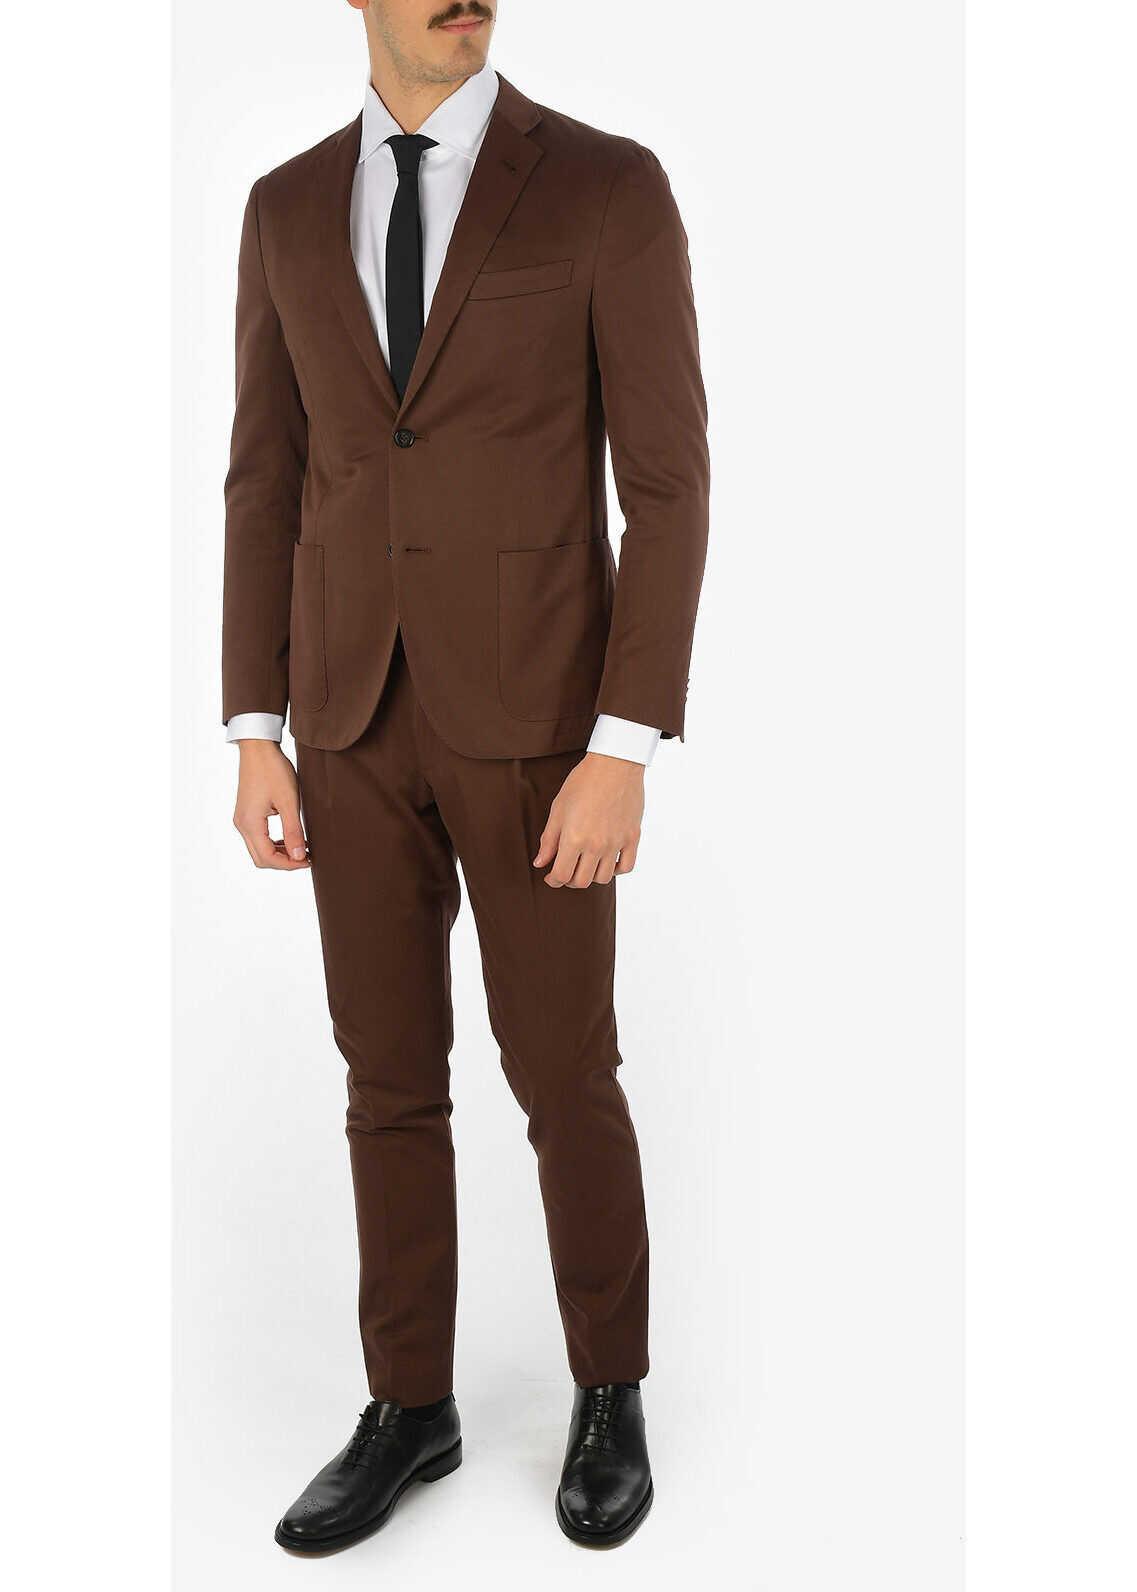 CORNELIANI GATE 2-button suit BROWN imagine